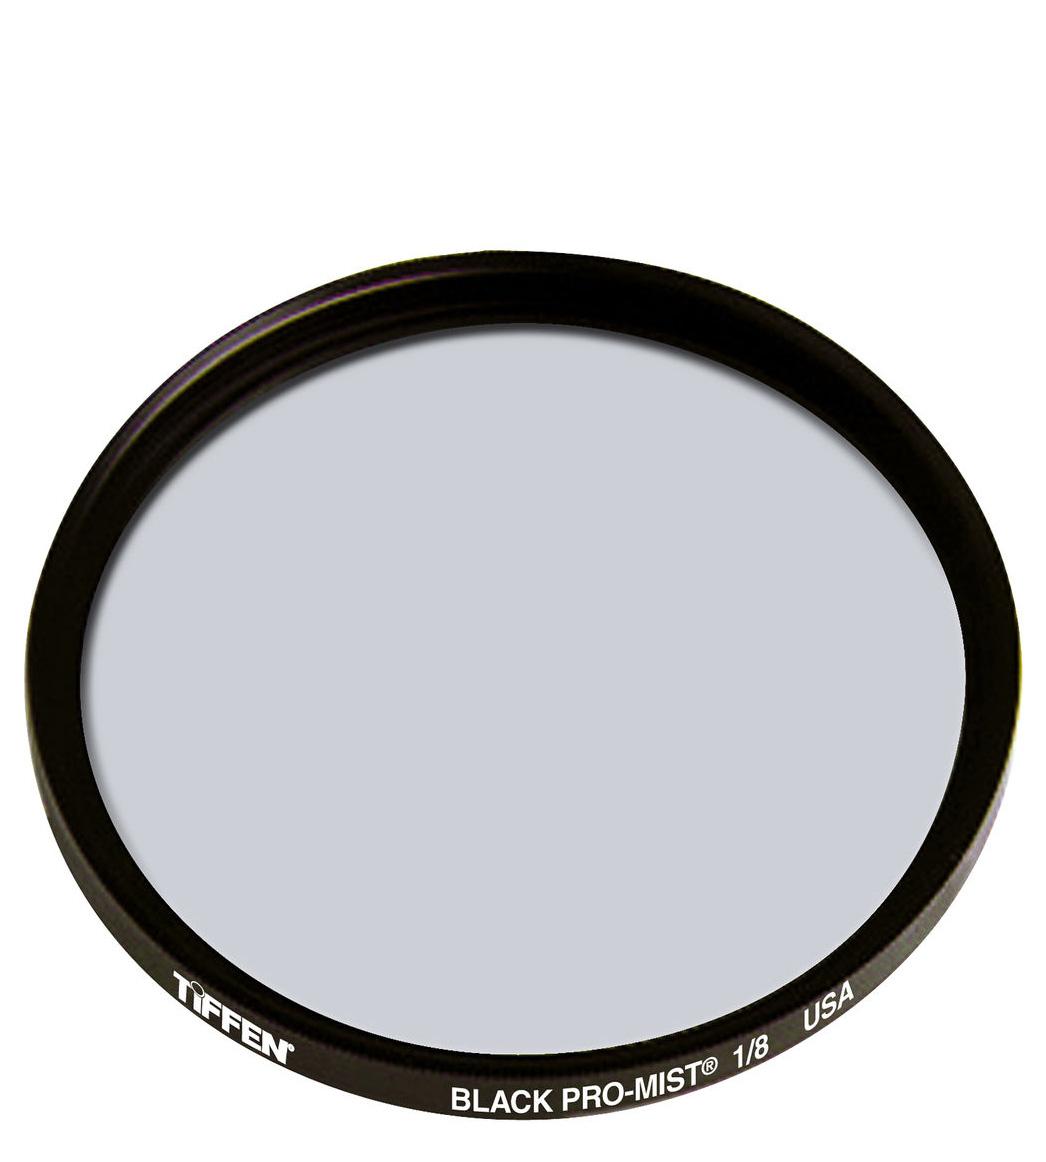 Filtro de lente Tiffen - Black Pro Mist 1/8 - 82MM